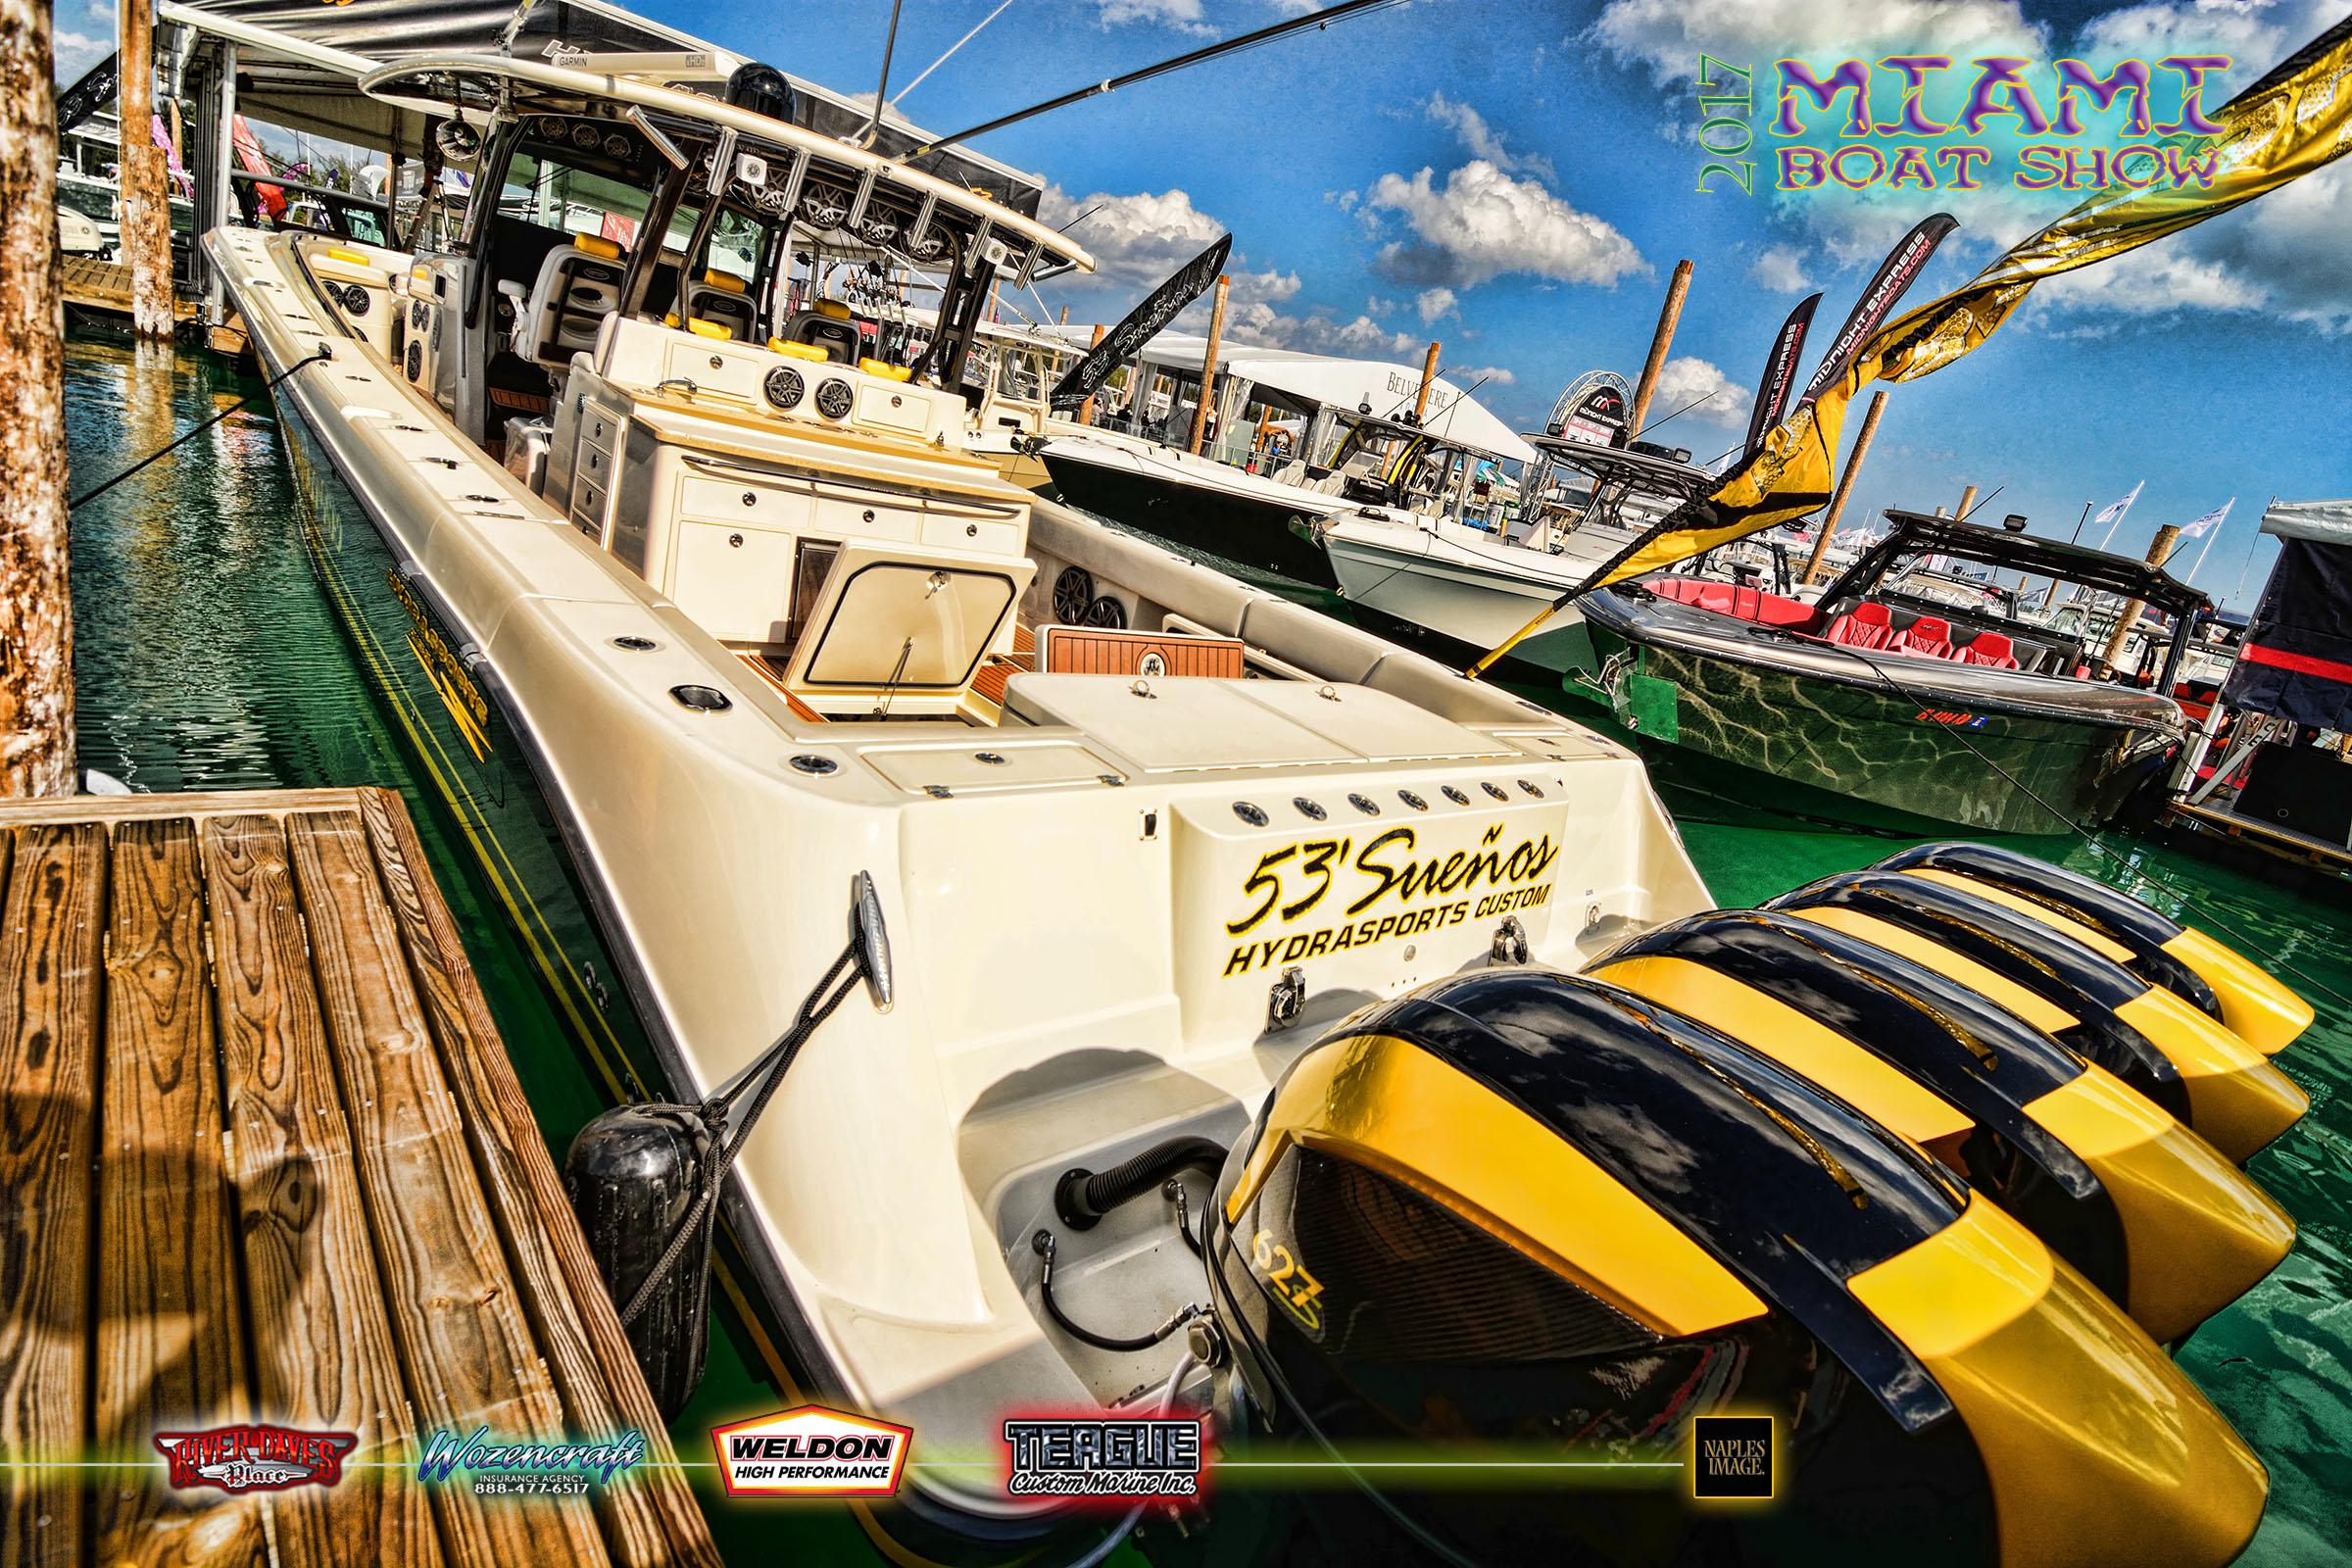 2017 miami boat show page 7 - Miami boat show ...